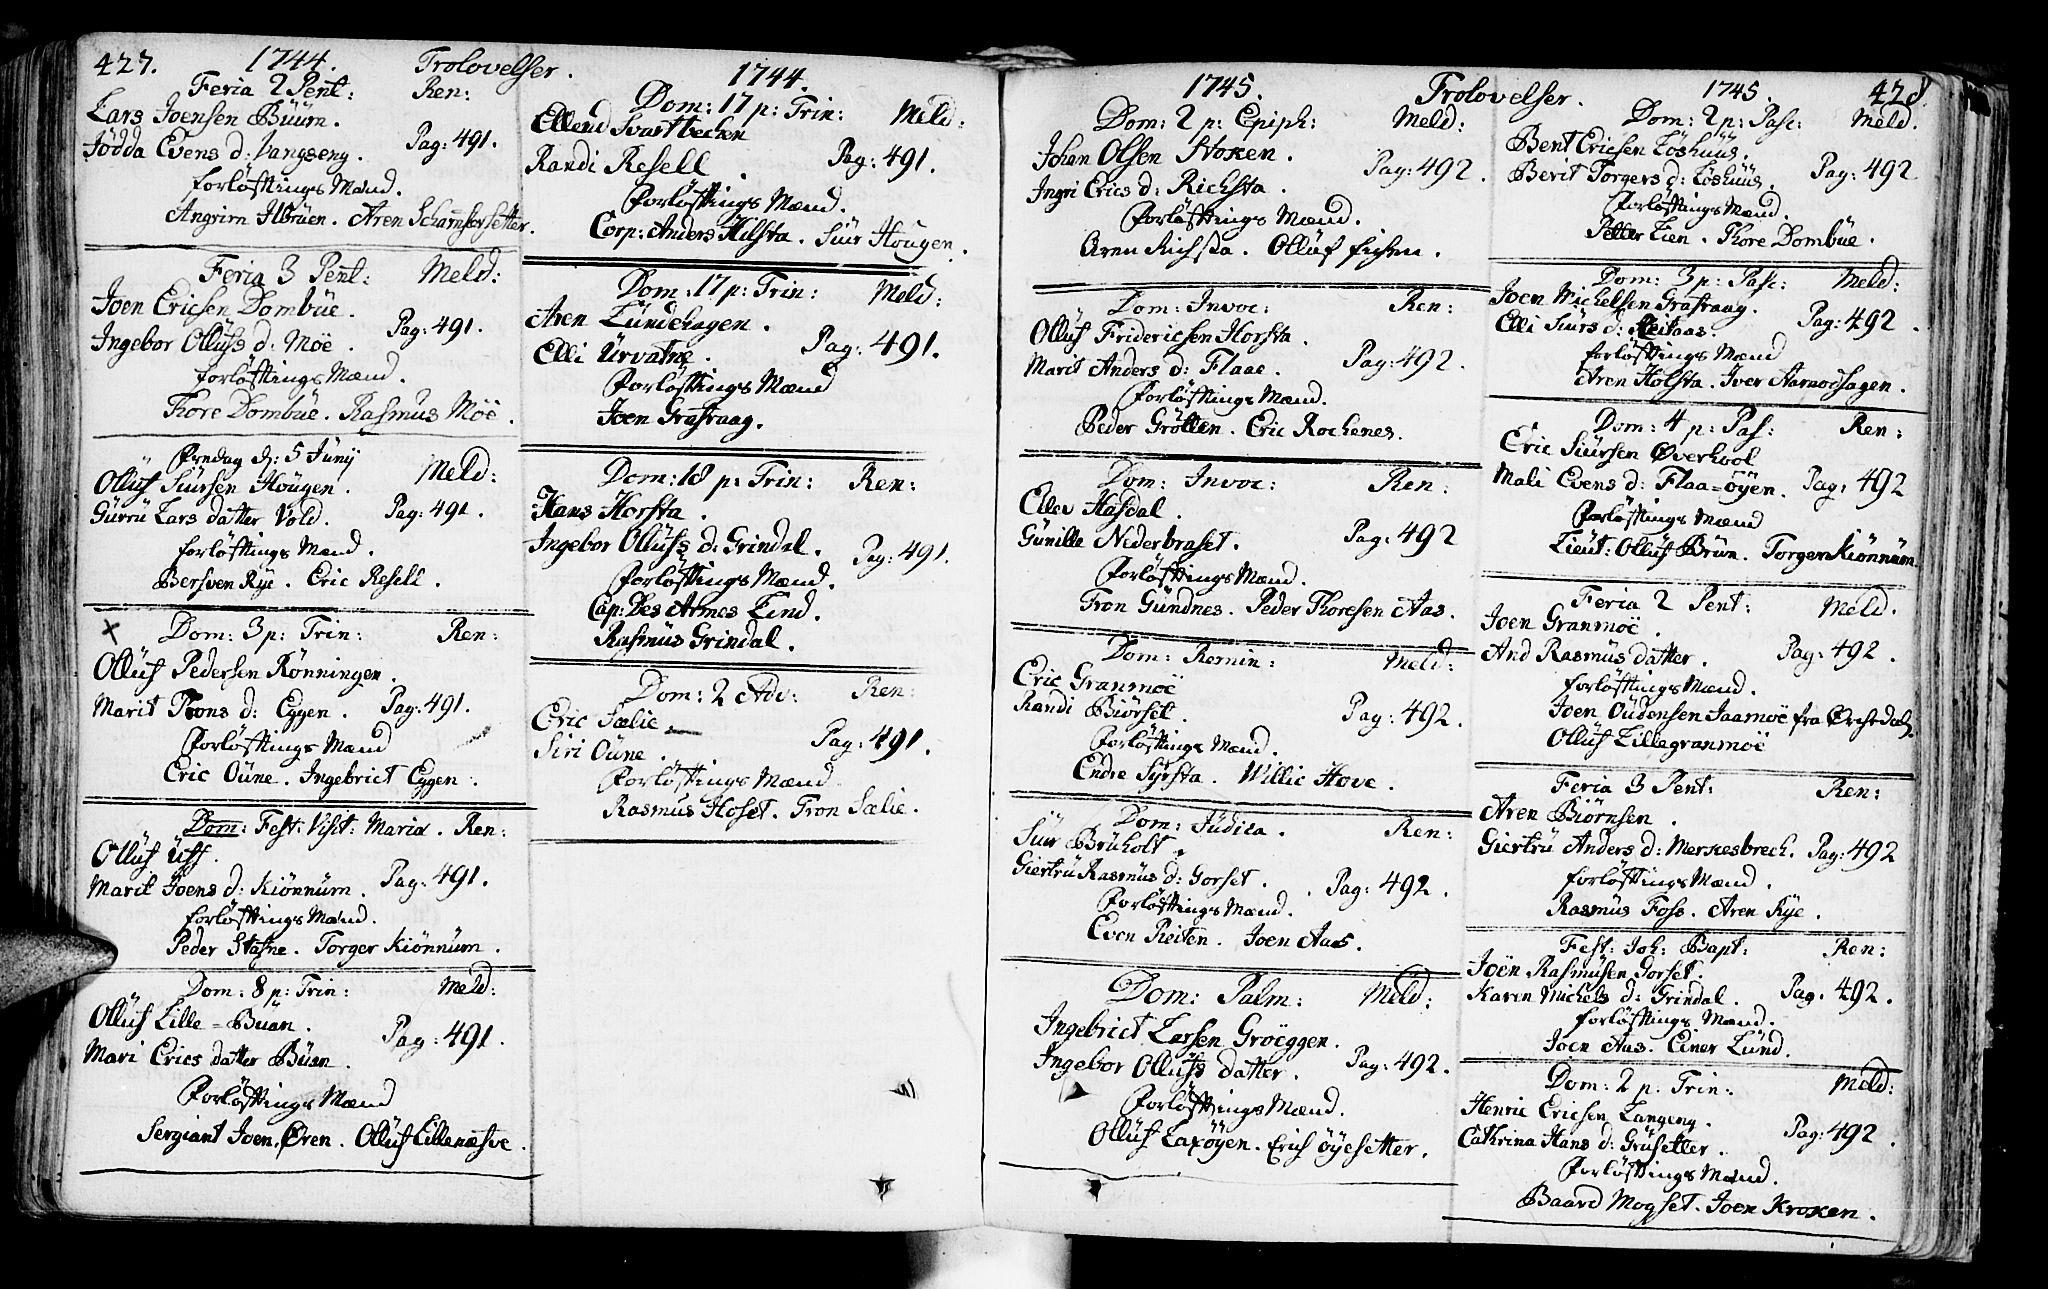 SAT, Ministerialprotokoller, klokkerbøker og fødselsregistre - Sør-Trøndelag, 672/L0850: Ministerialbok nr. 672A03, 1725-1751, s. 427-428